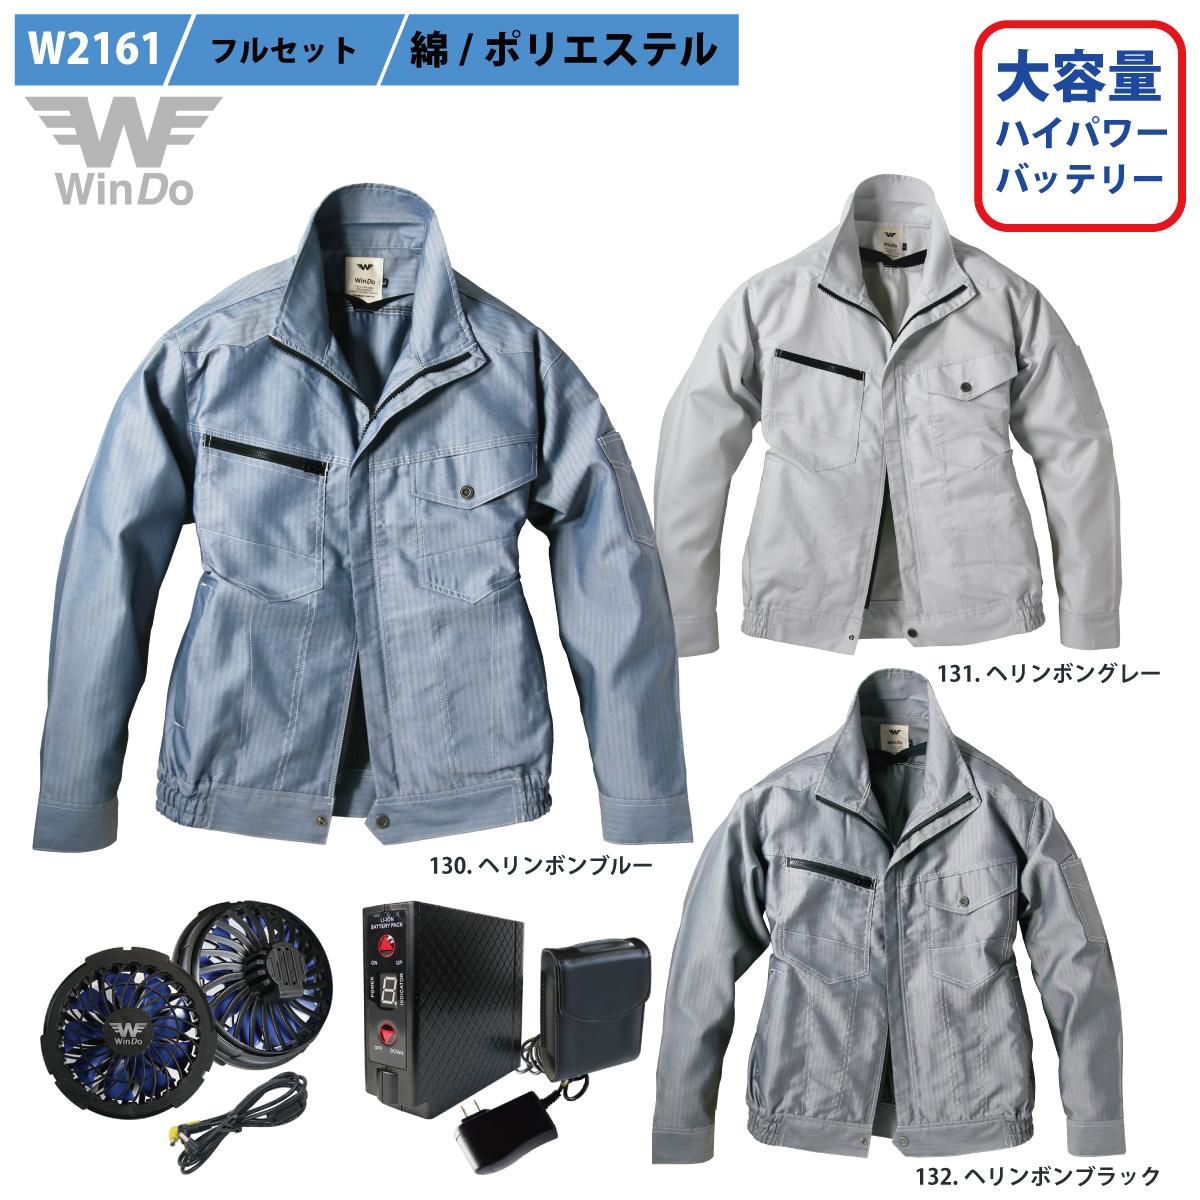 WinDo 空冷服フルセット(ファン+ハイパワー大容量バッテリー) 空冷服 フルセット(ハイパワー大容量バッテリー) ヘリンボン柄 長袖ブルゾン S02W2161